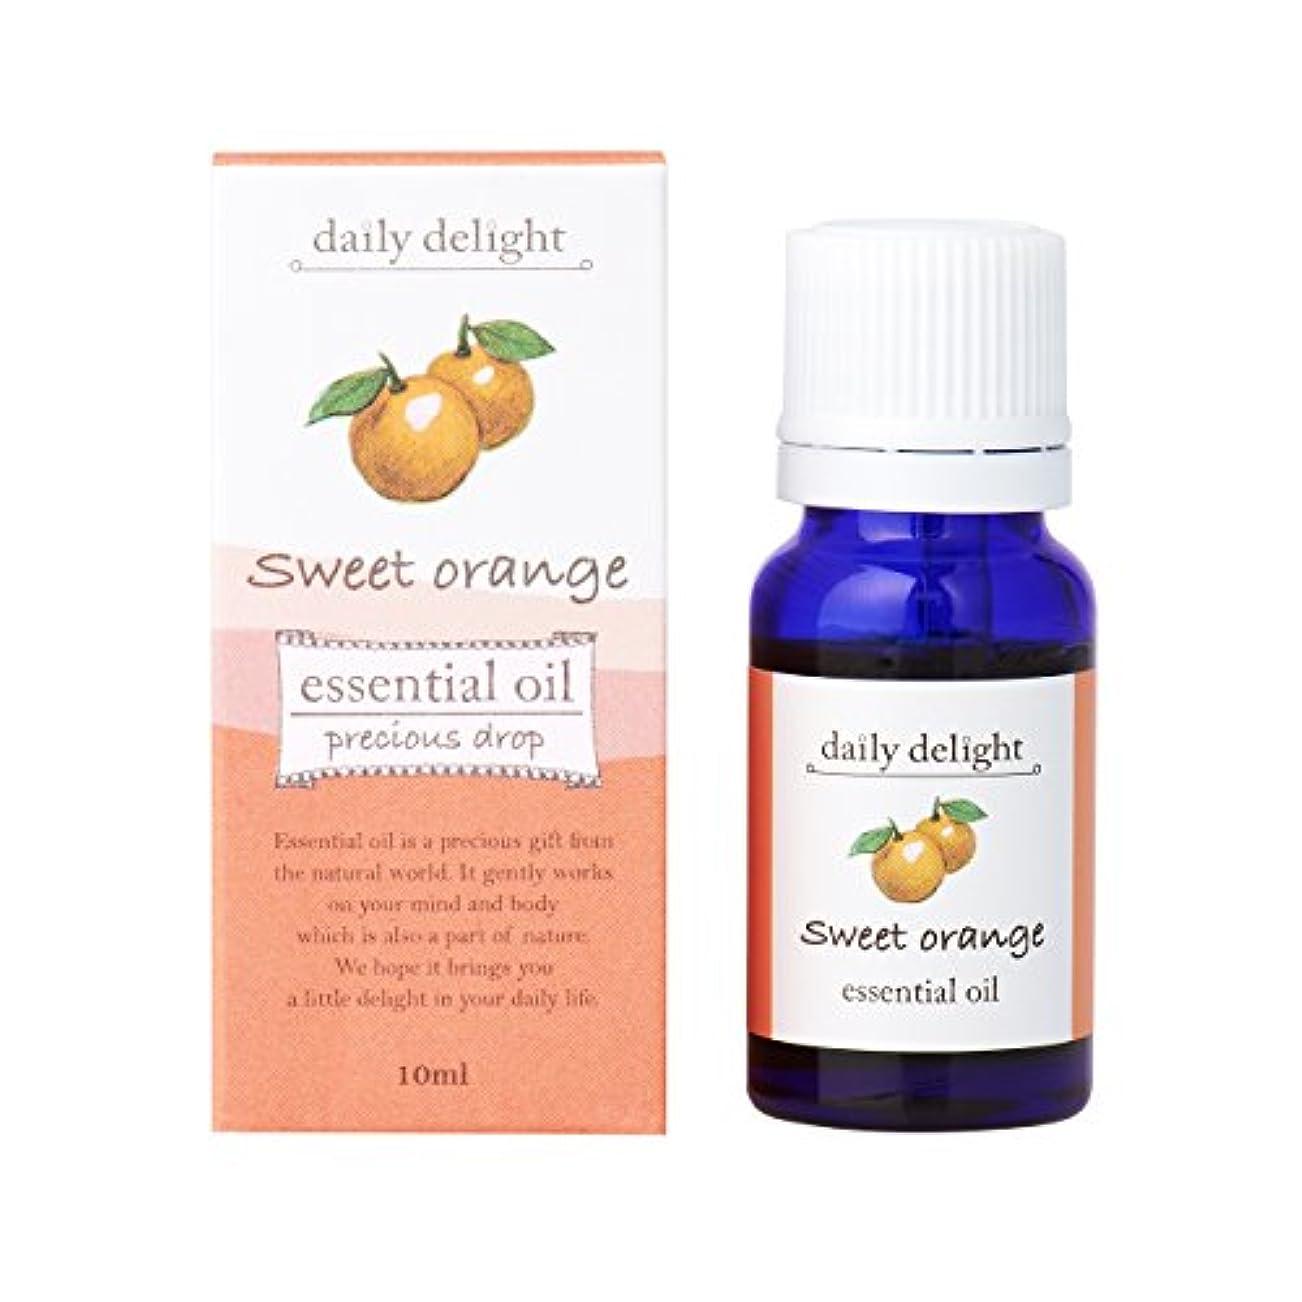 チャット化学薬品診断するデイリーディライト エッセンシャルオイル  スイートオレンジ 10ml(天然100% 精油 アロマ 柑橘系 フルーティで甘く爽やかな香り)